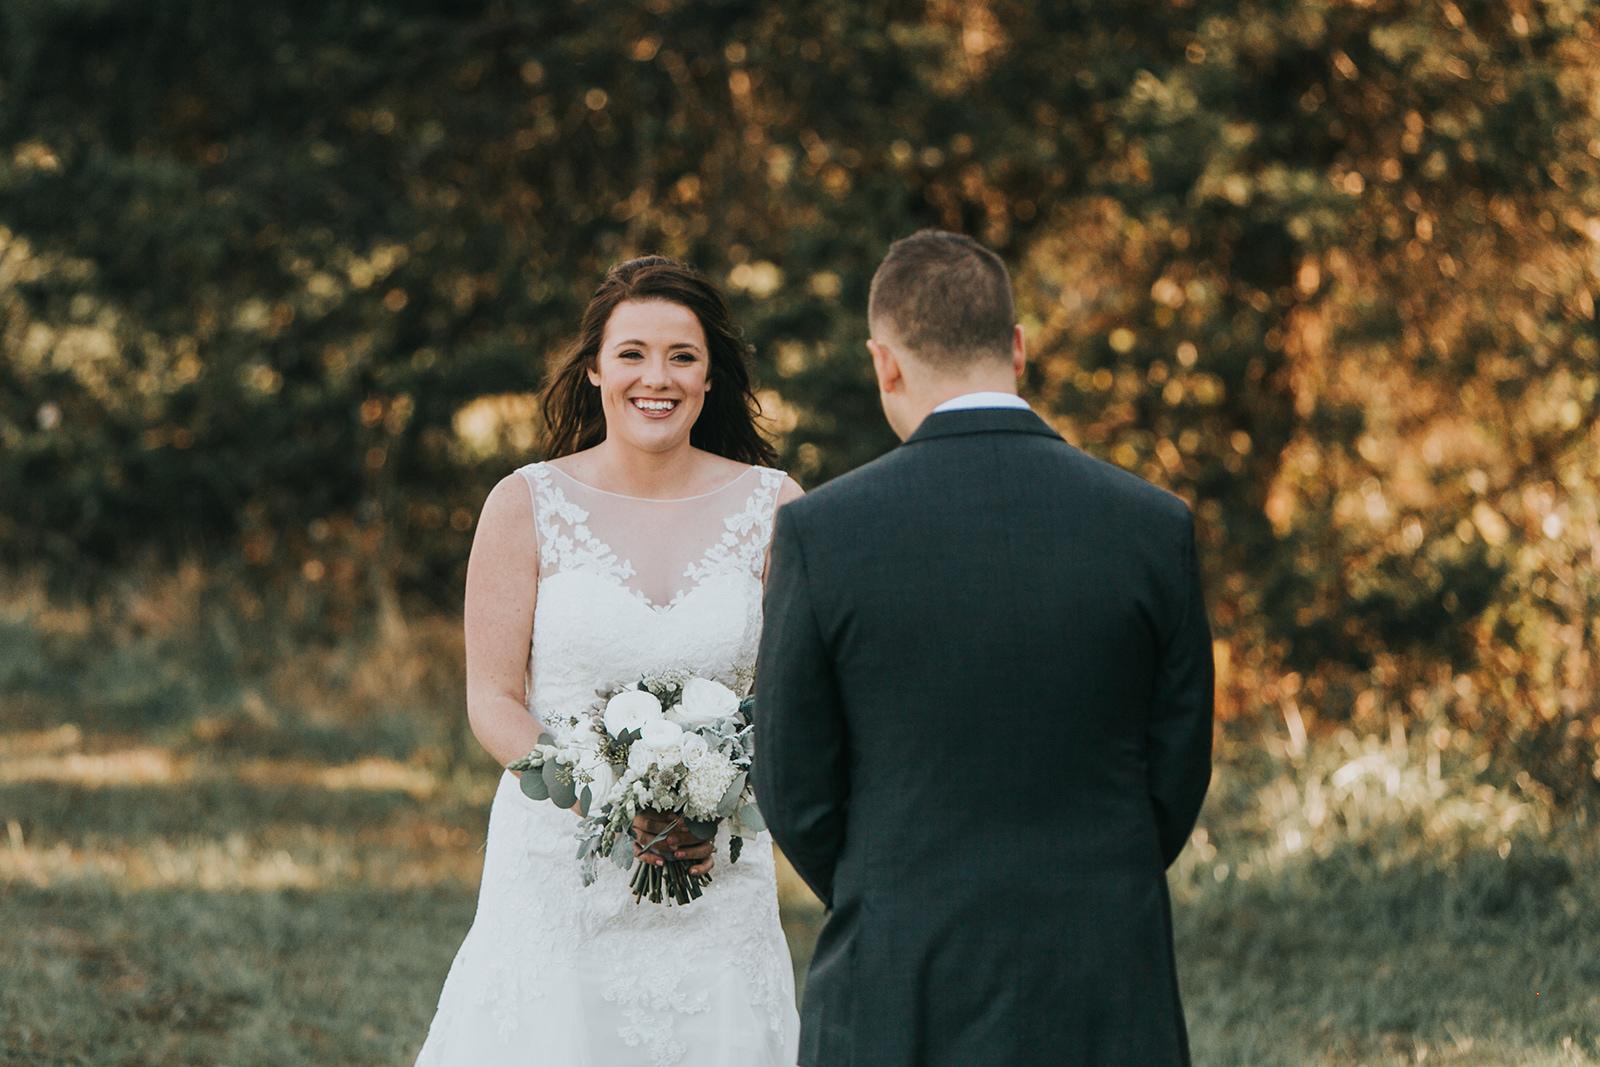 brielle-davis-events-48-fields-wedding-0063.jpg